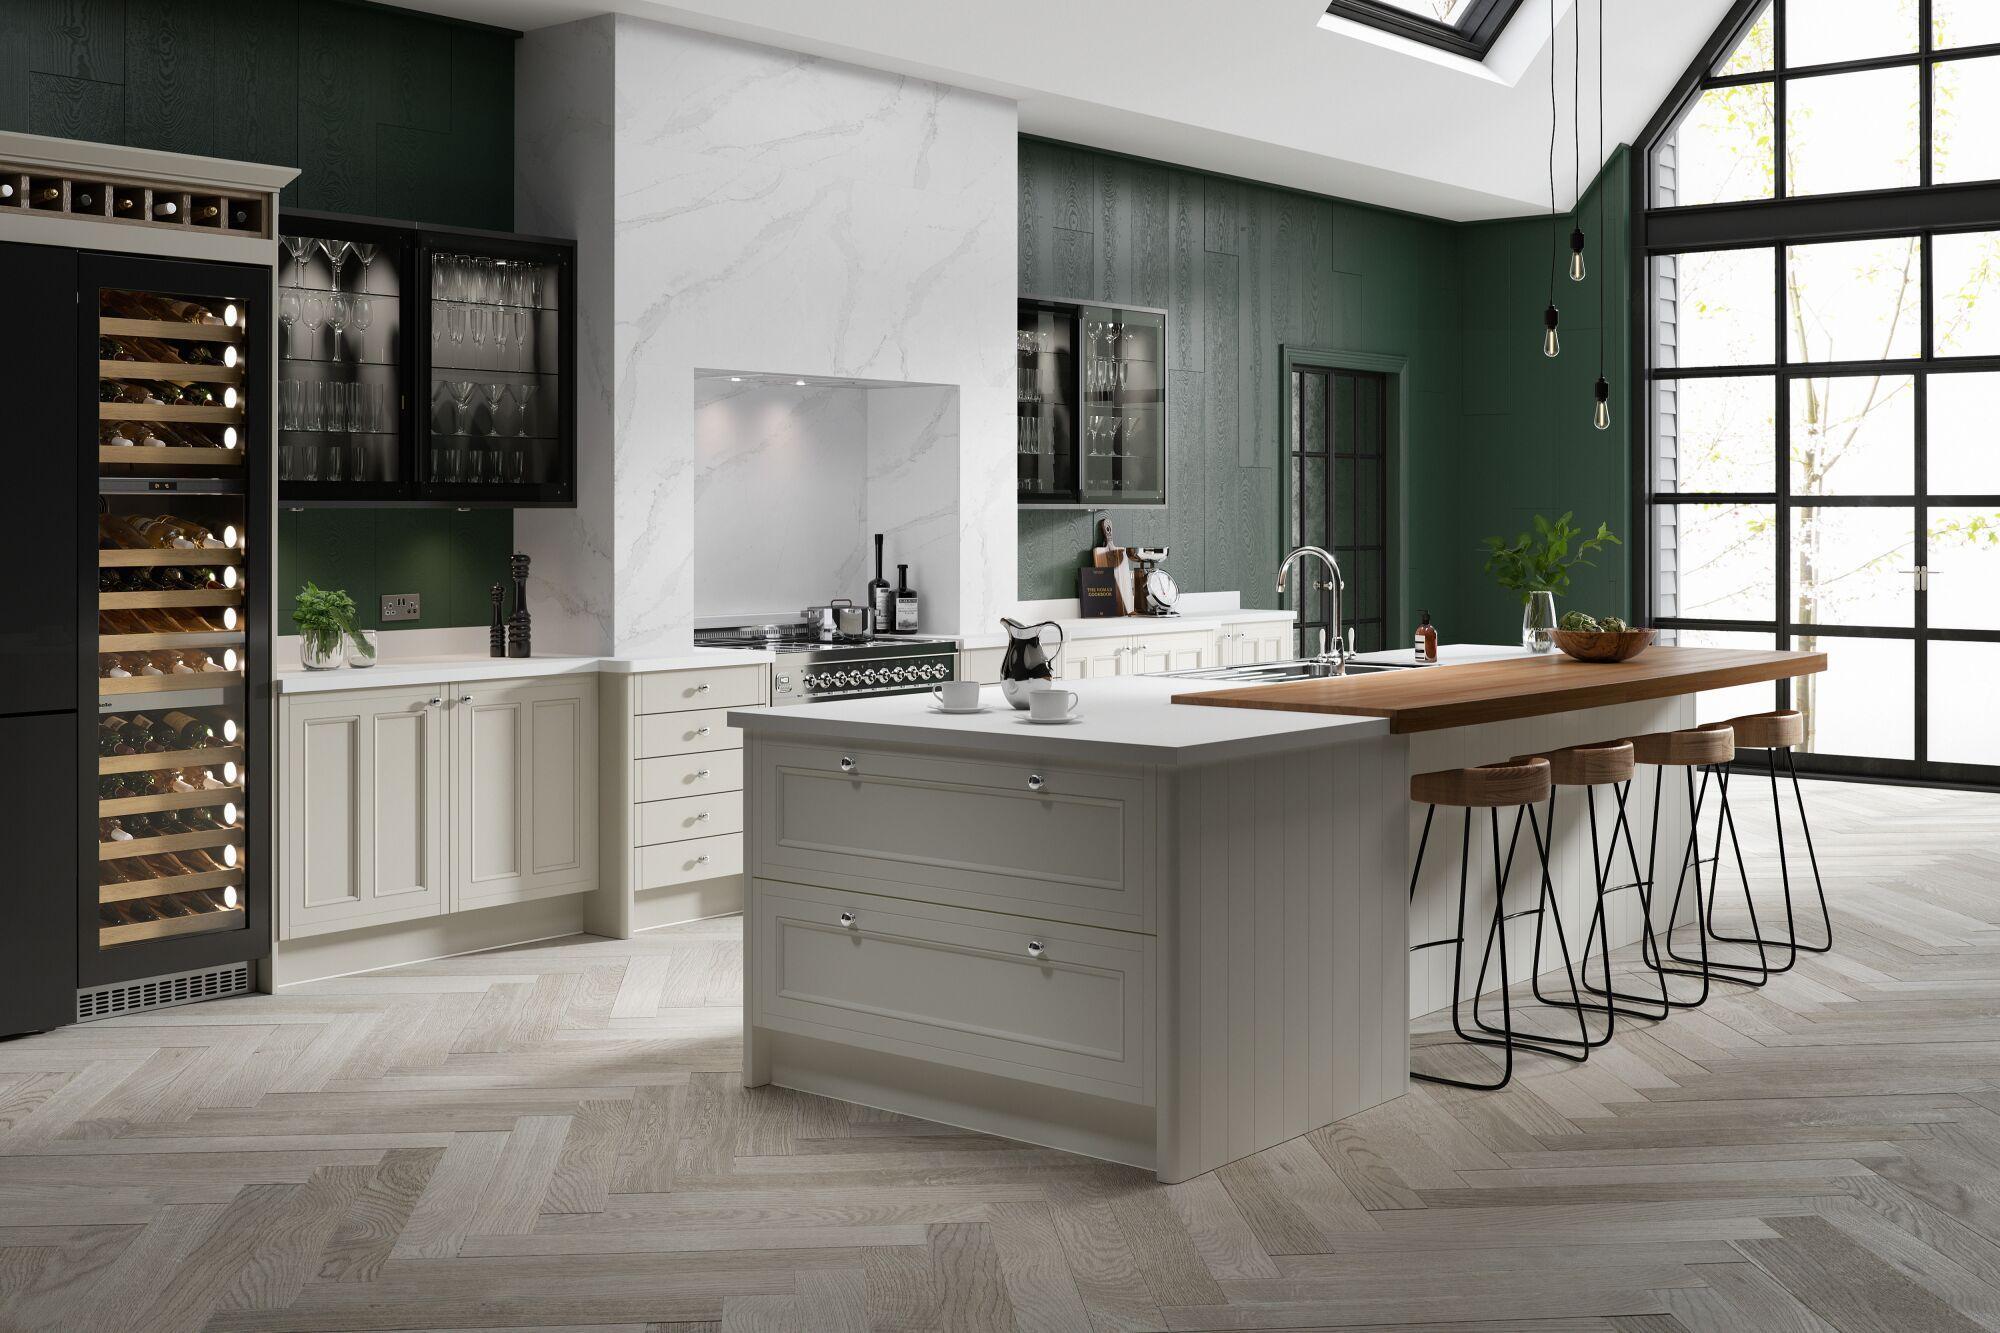 Country Kitchen in Winter White & Nimbus Wren Kitchens